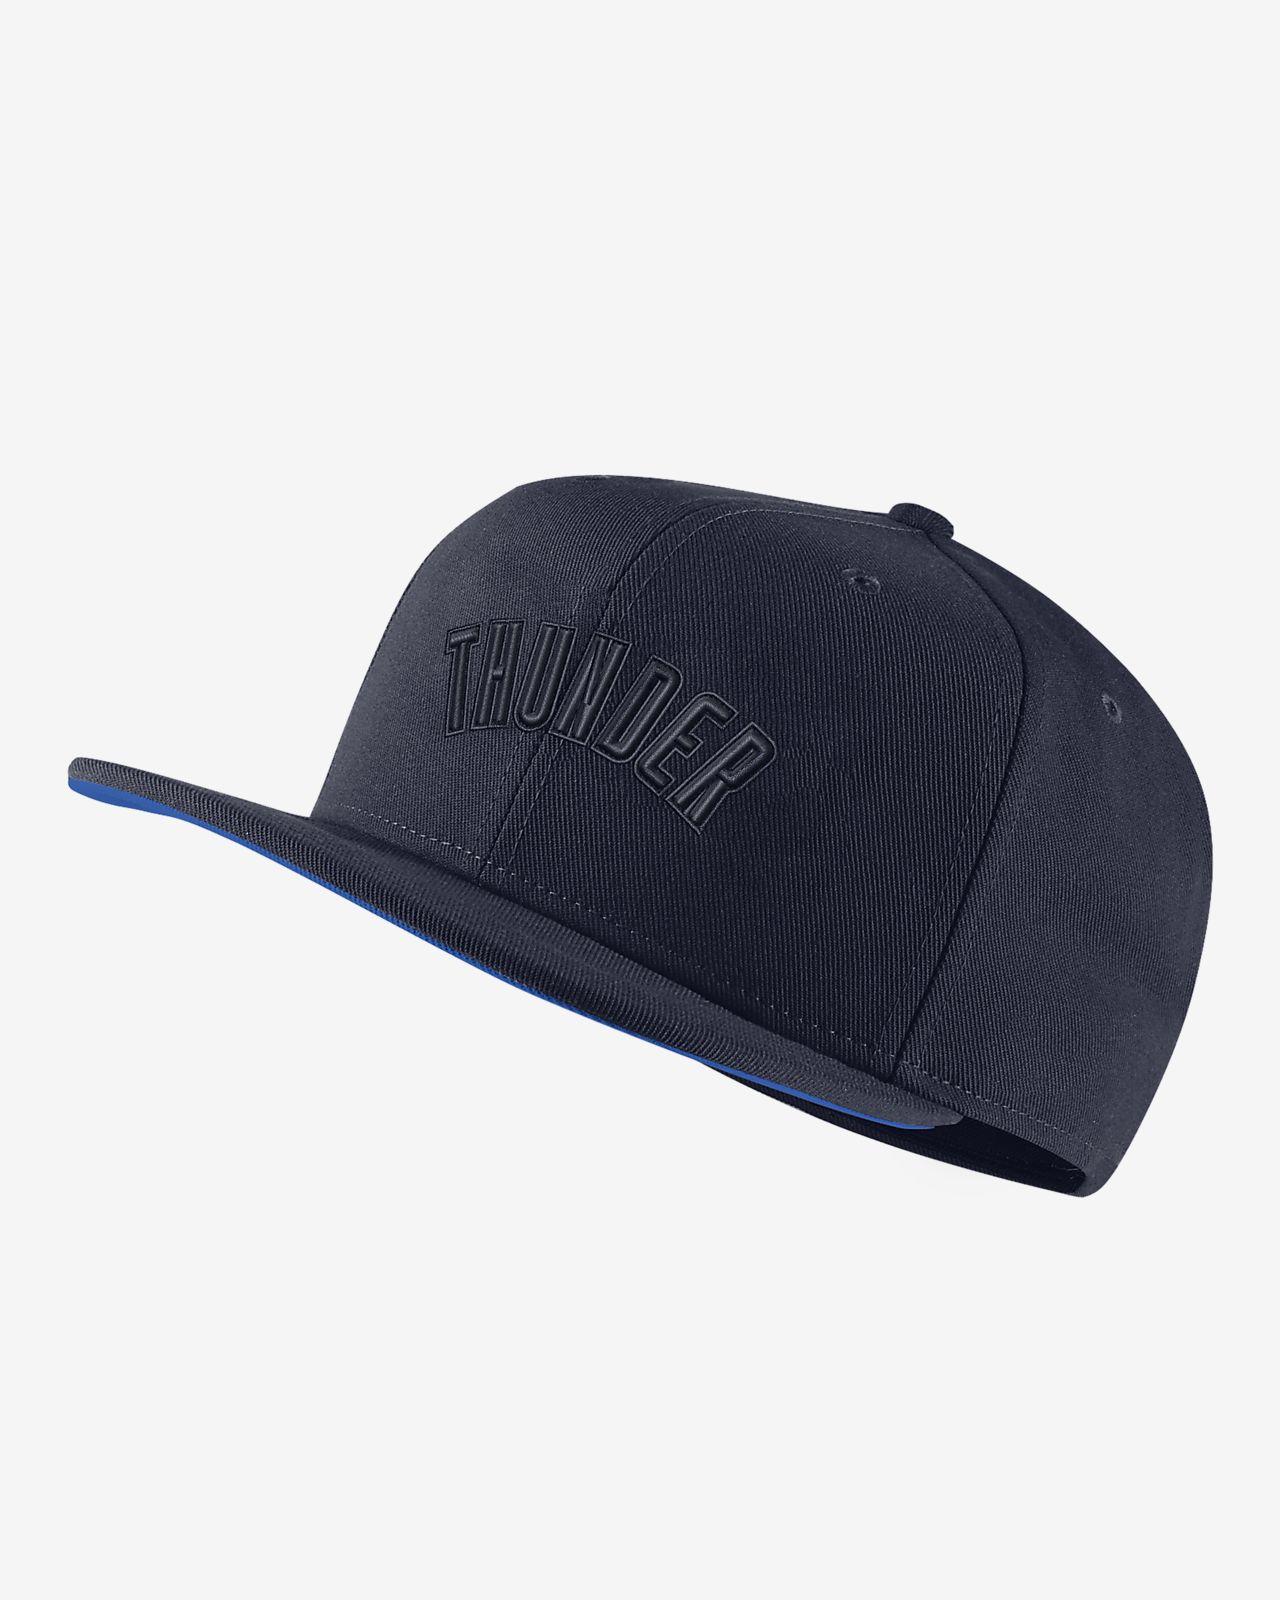 Oklahoma City Thunder Nike AeroBill NBA-Cap